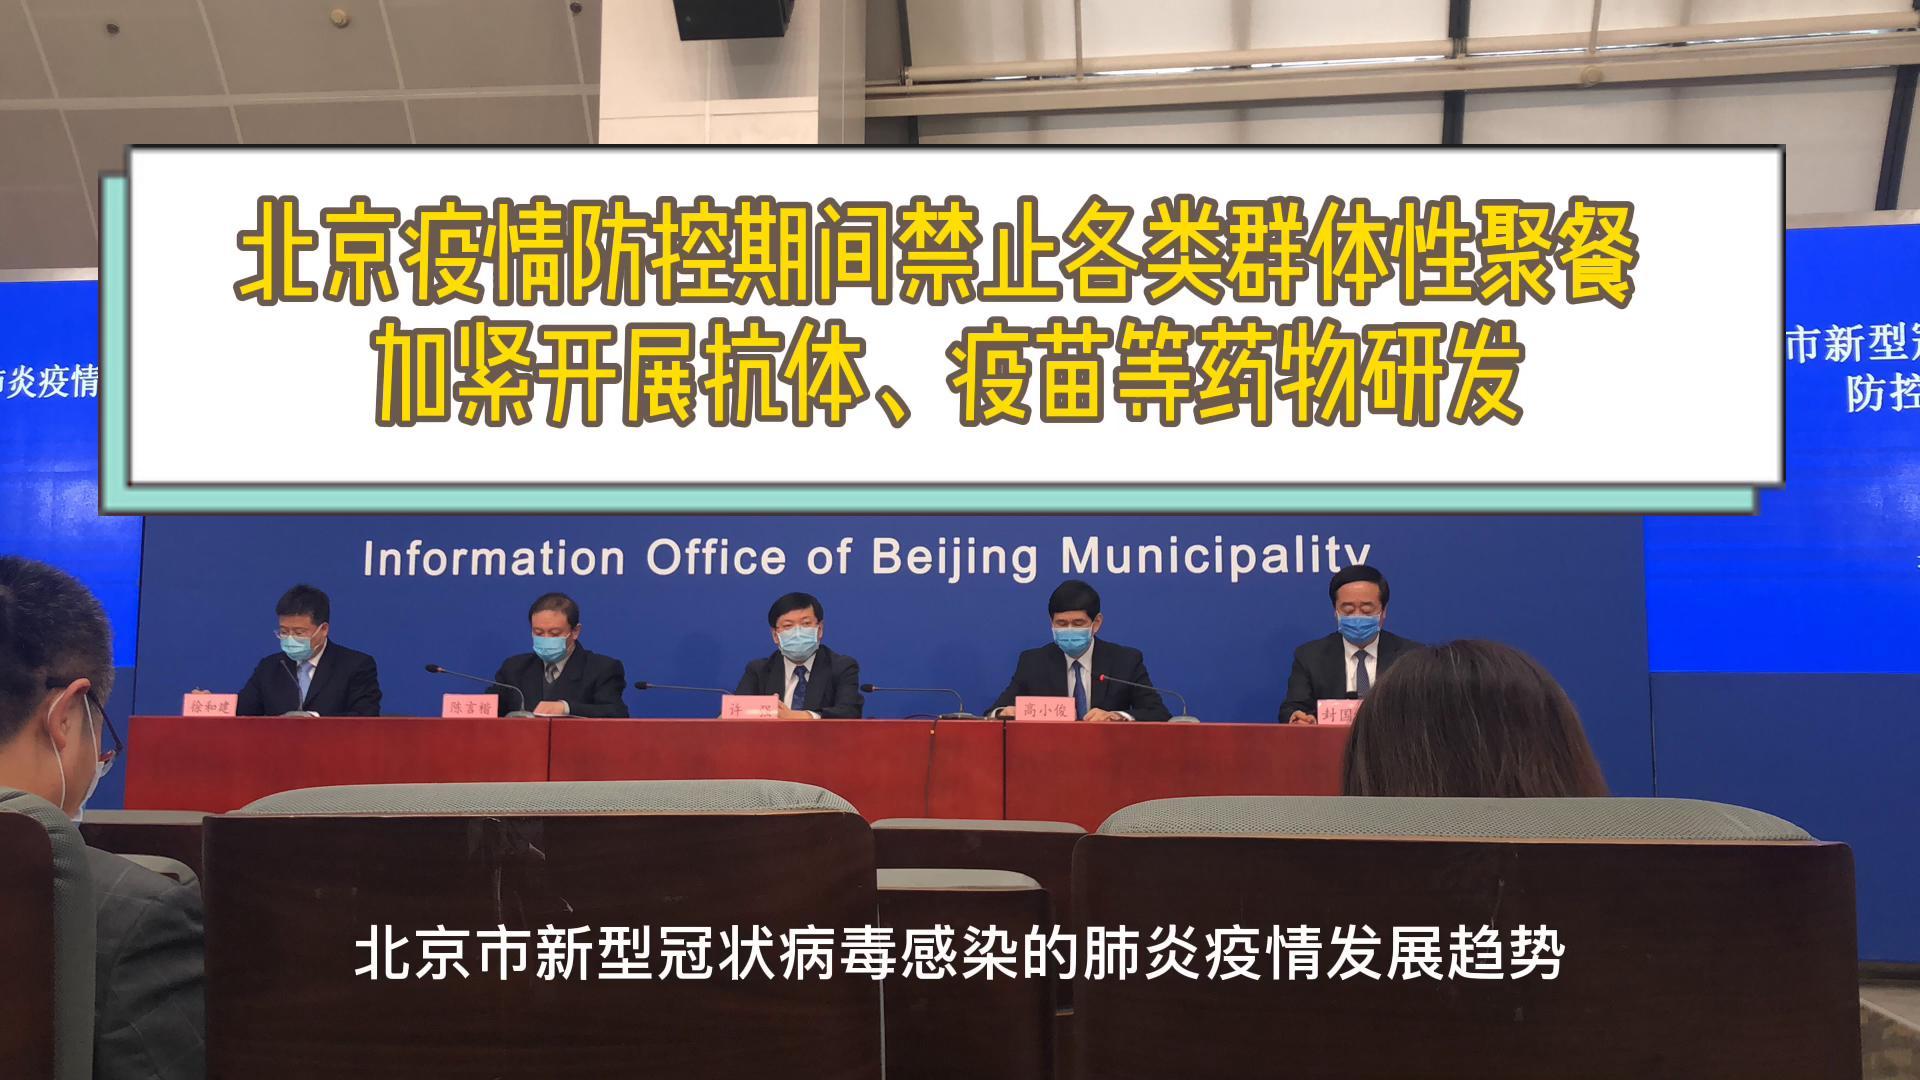 北京疫情防控期間禁止各類群體性聚餐 加緊開展抗體、疫苗等藥物研發